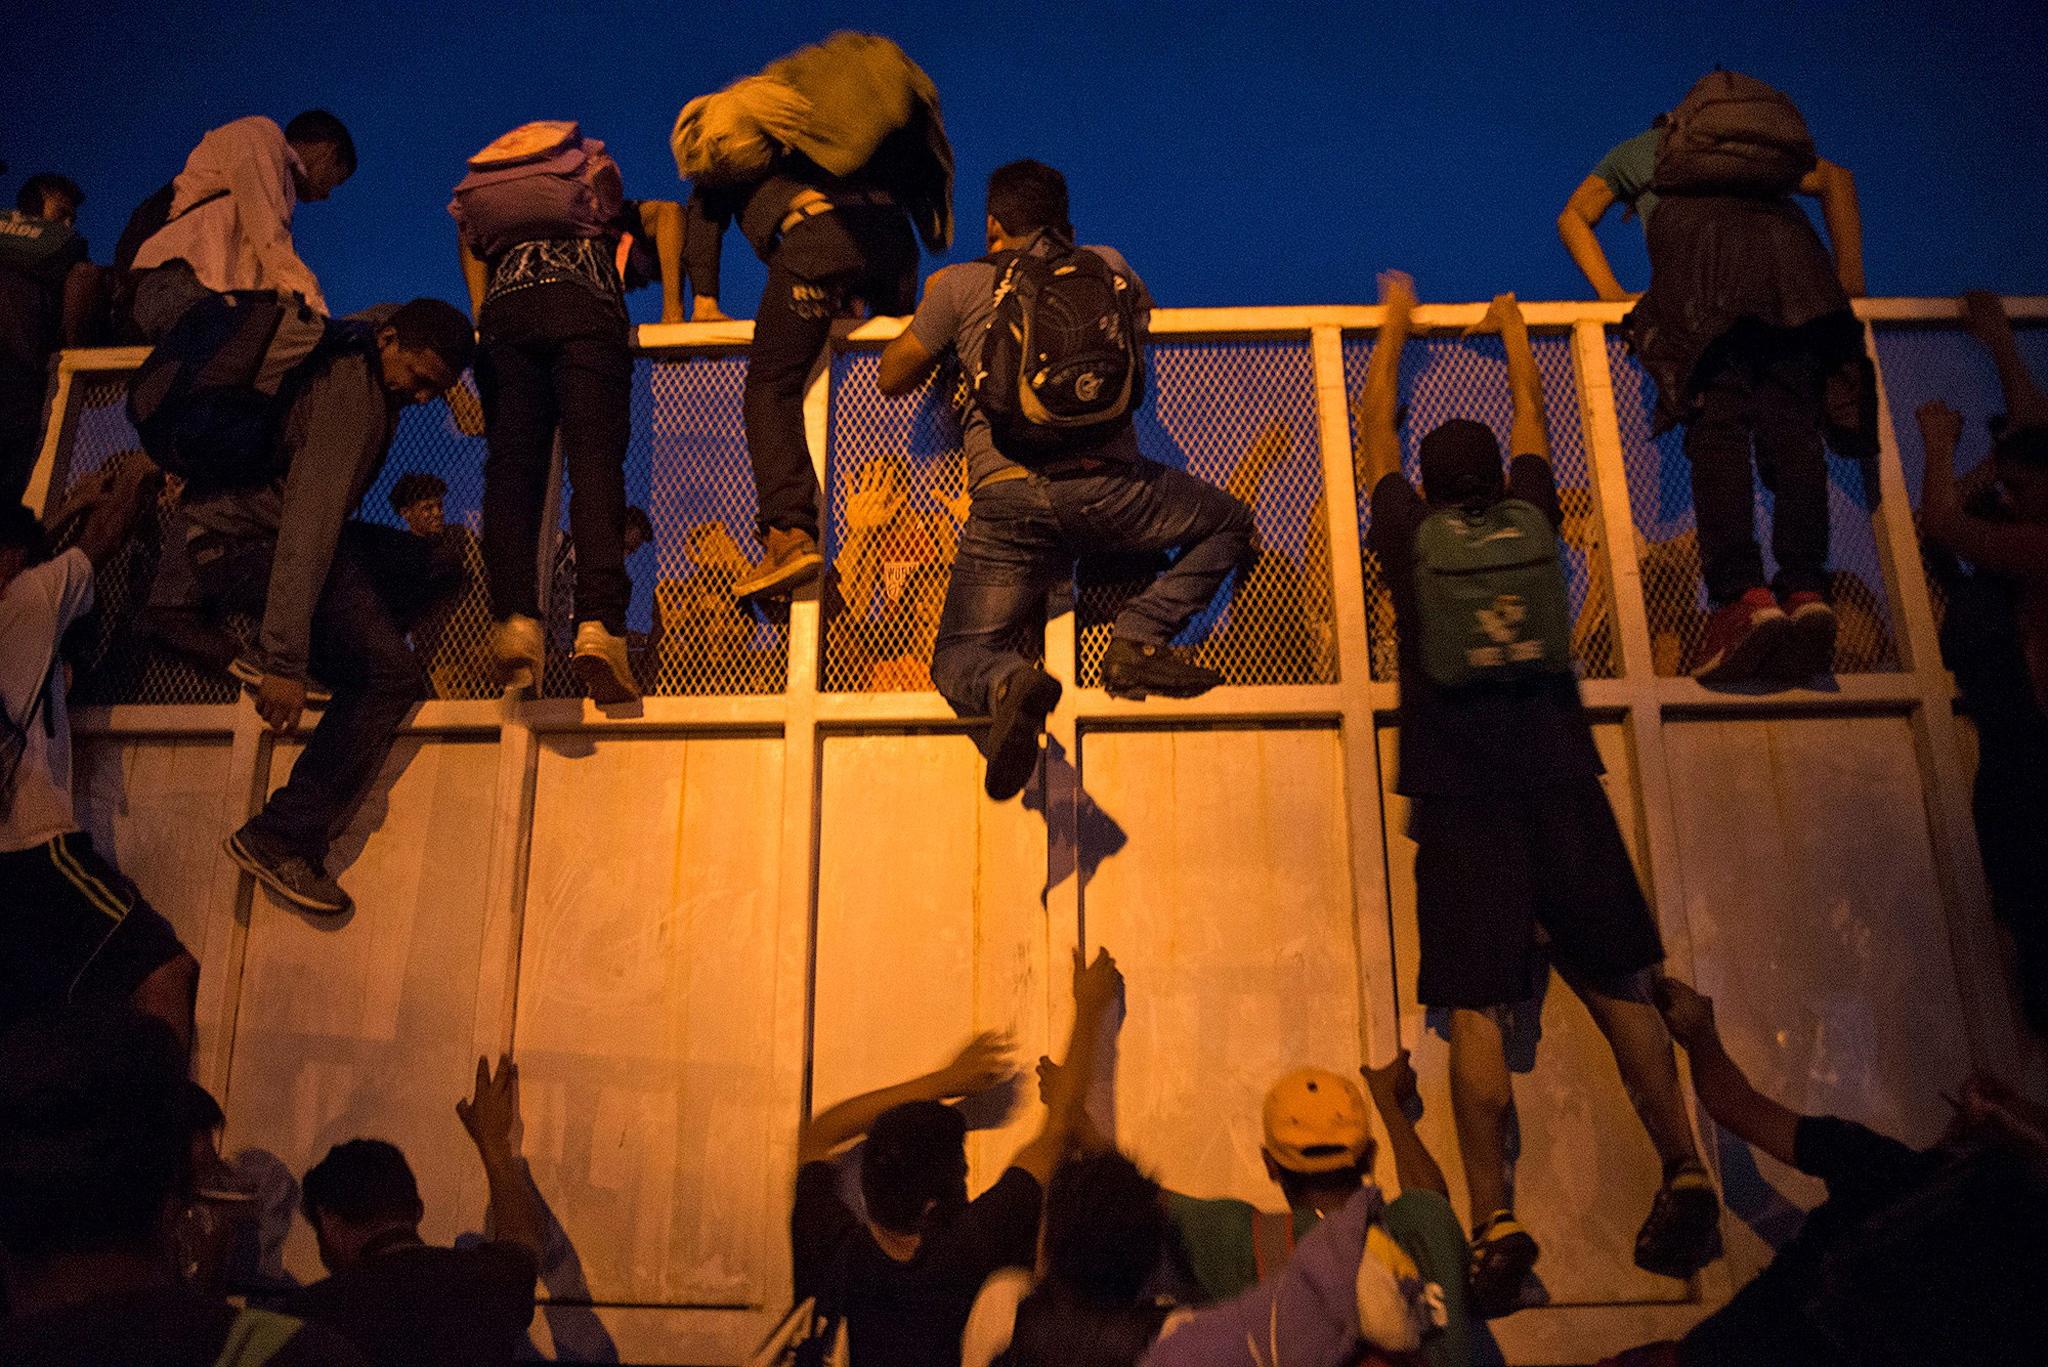 Više od pet tisuća srednjoameričkih migranata nastavlja put prema SAD-u